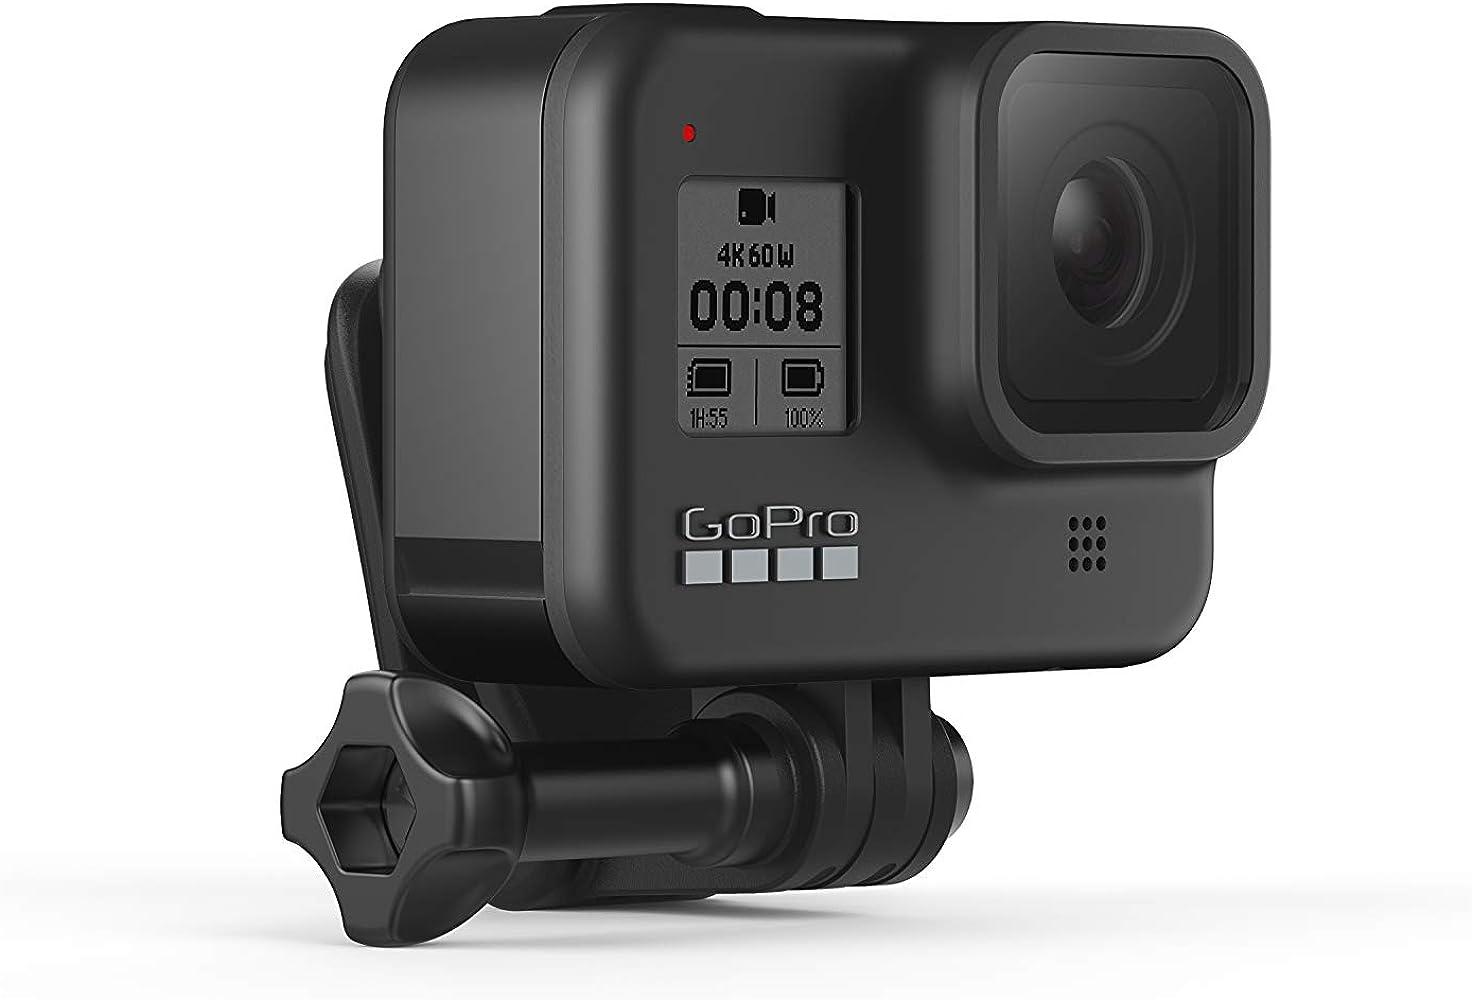 GoPro Headstrap + QuickClip - Pack de Accesorios para Cámara GoPro Hero, Color Negro: GoPro: Amazon.es: Deportes y aire libre